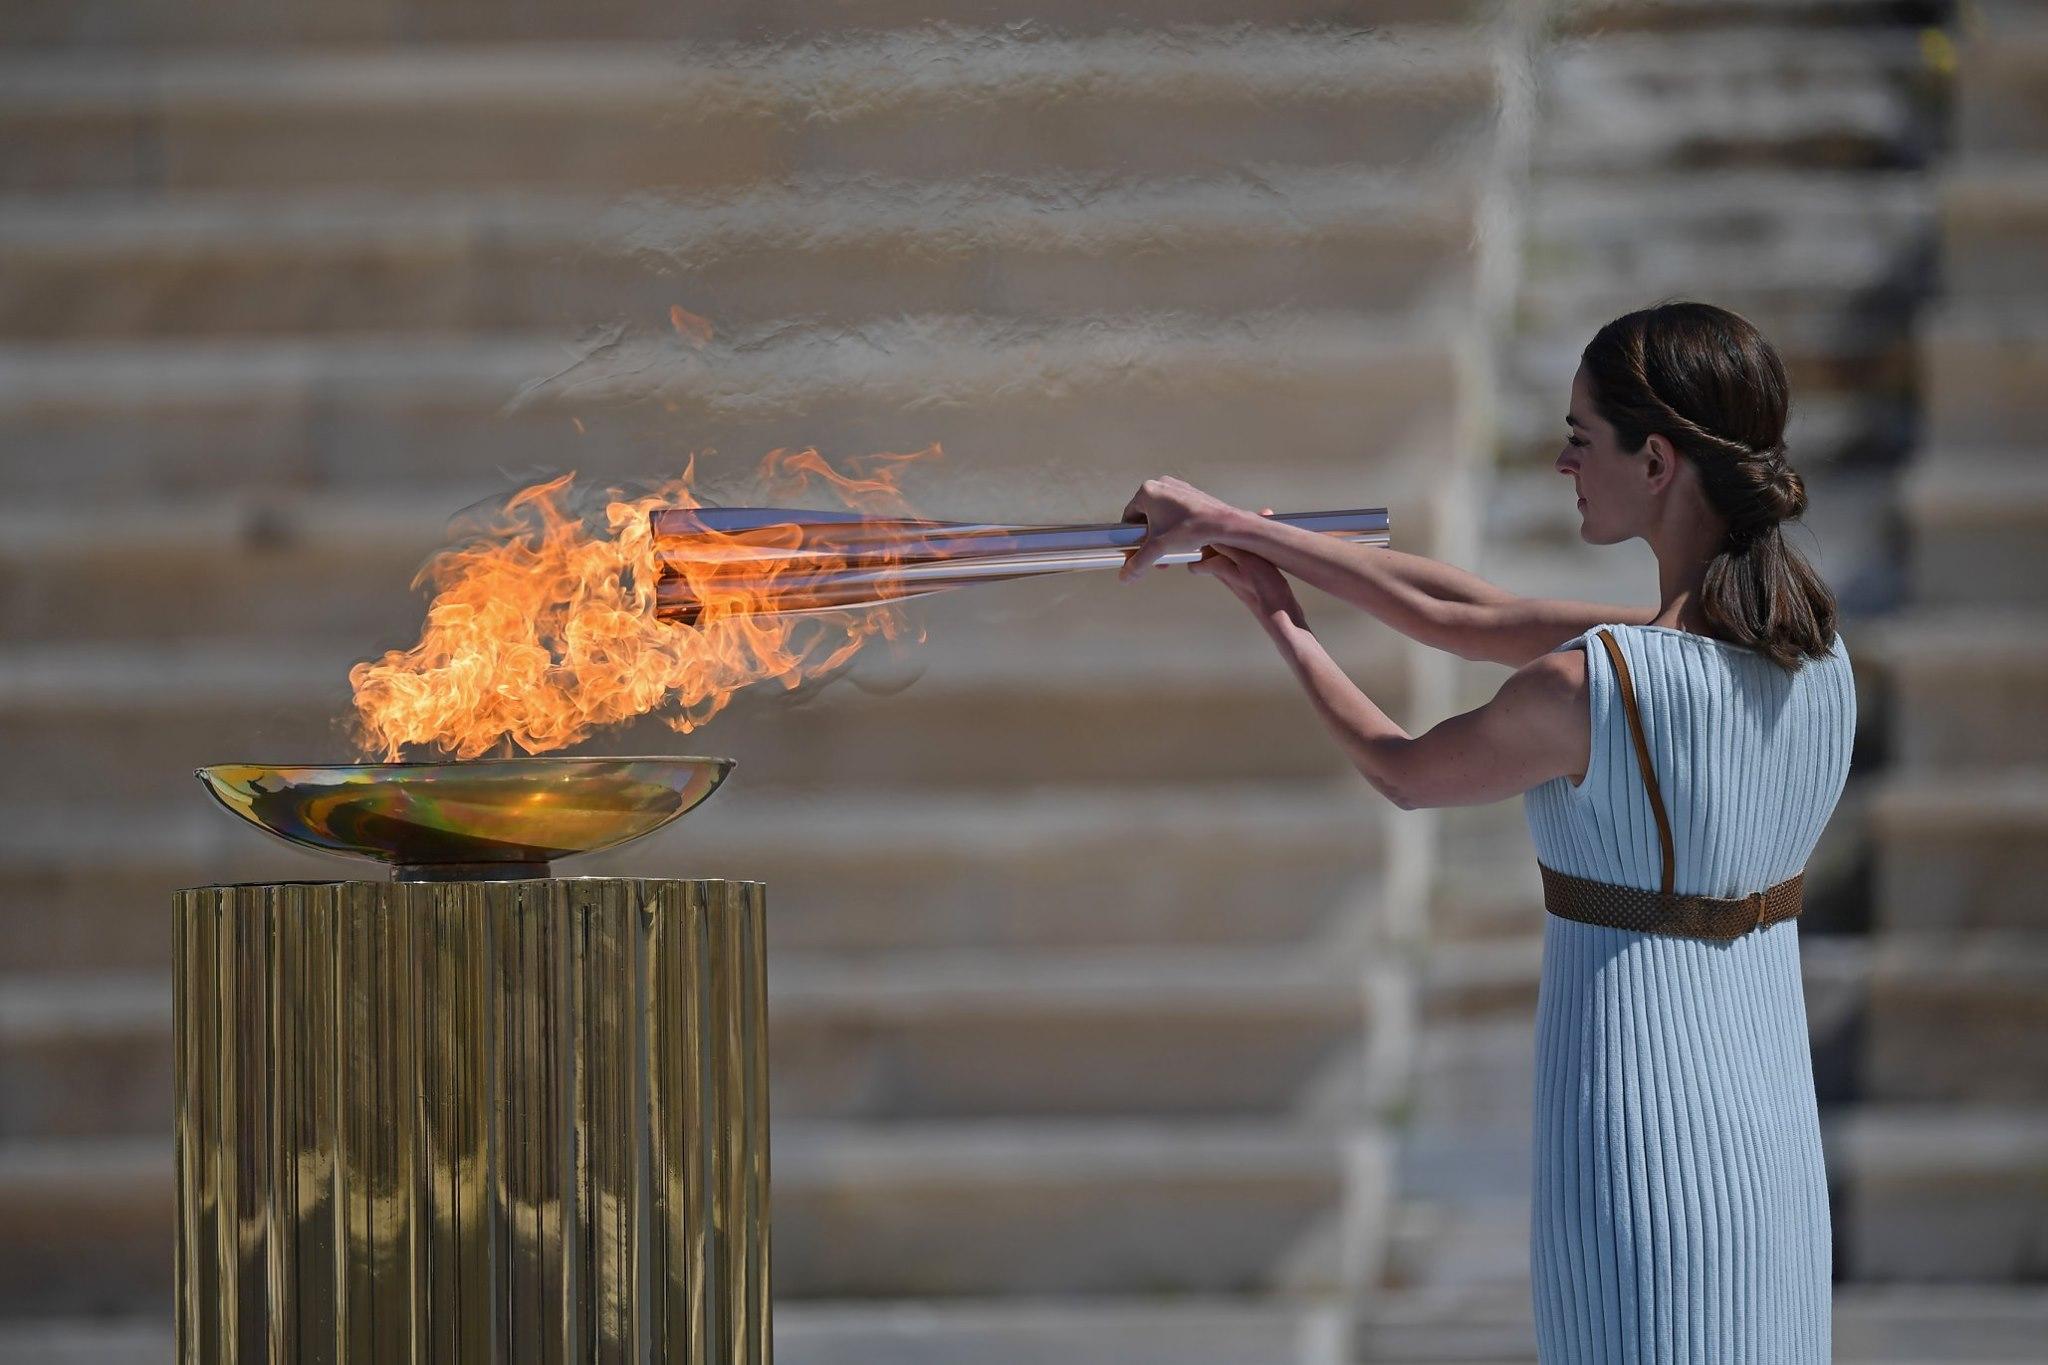 延迟了一年的东京奥运会火炬传递,终于要在3月25日上午9时开跑!-摘自东京奥运会官网-